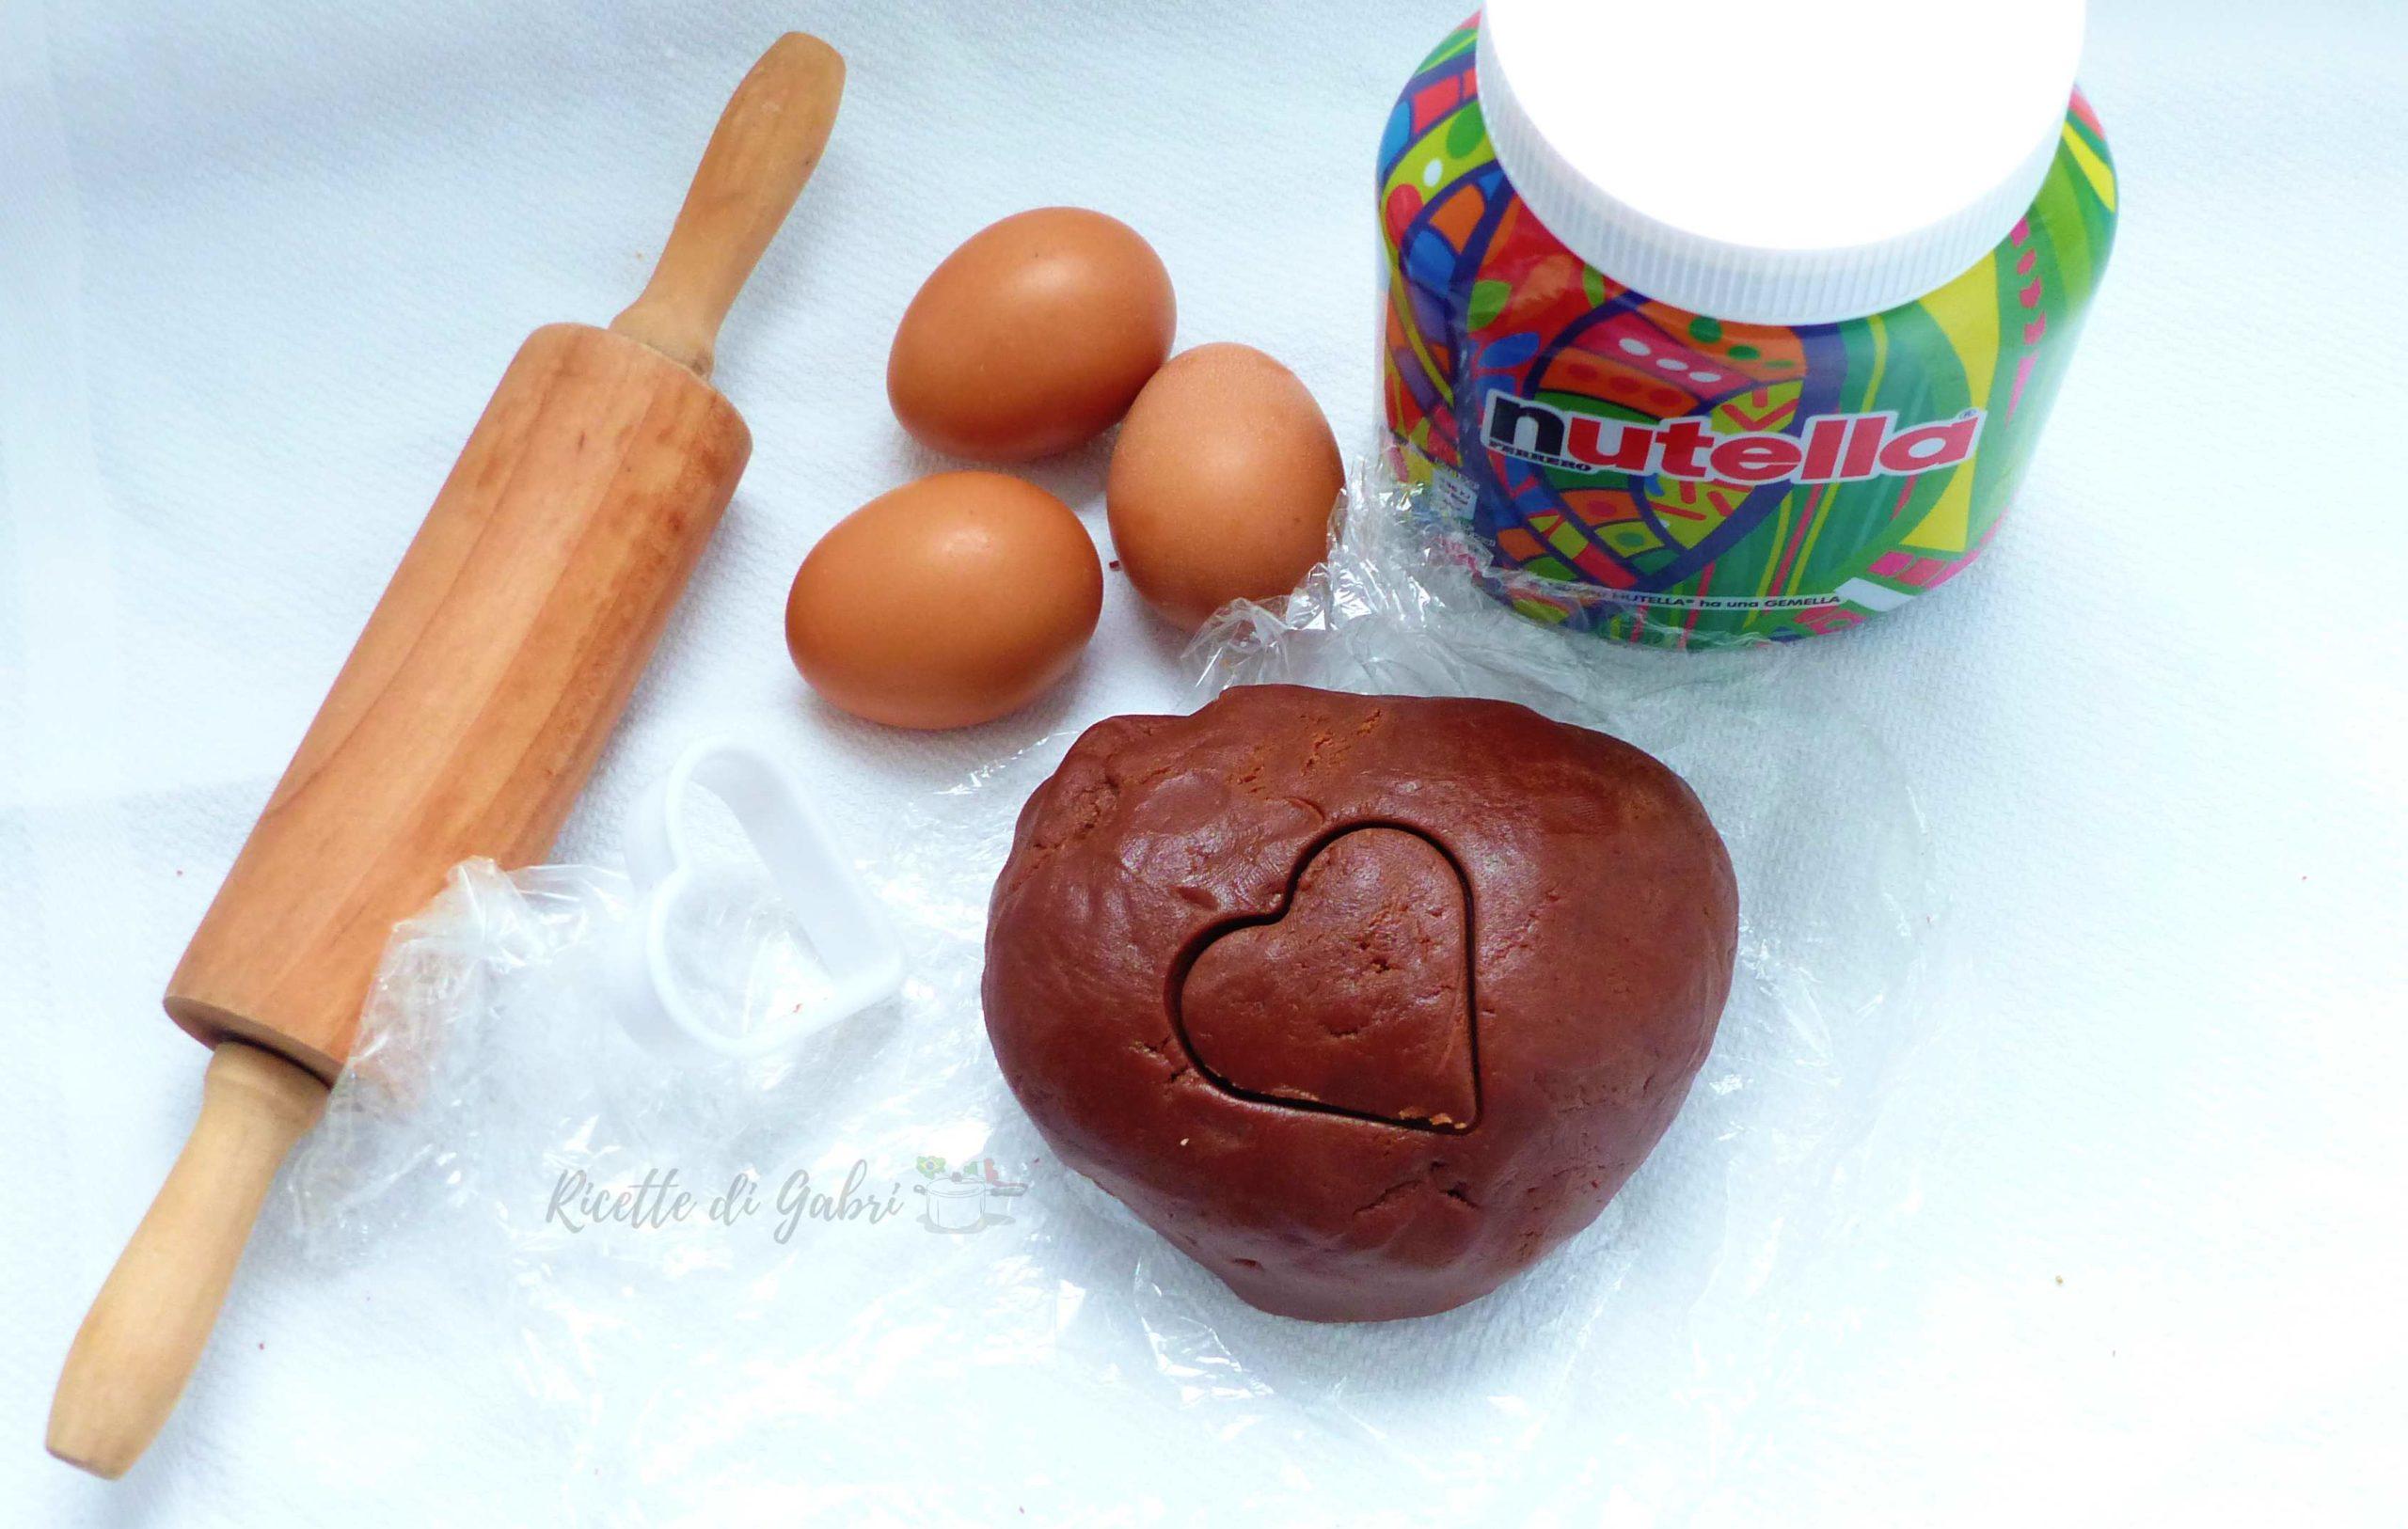 pasta frolla alla nutella senza burro ricetta facile veloce furba ricette di gabri